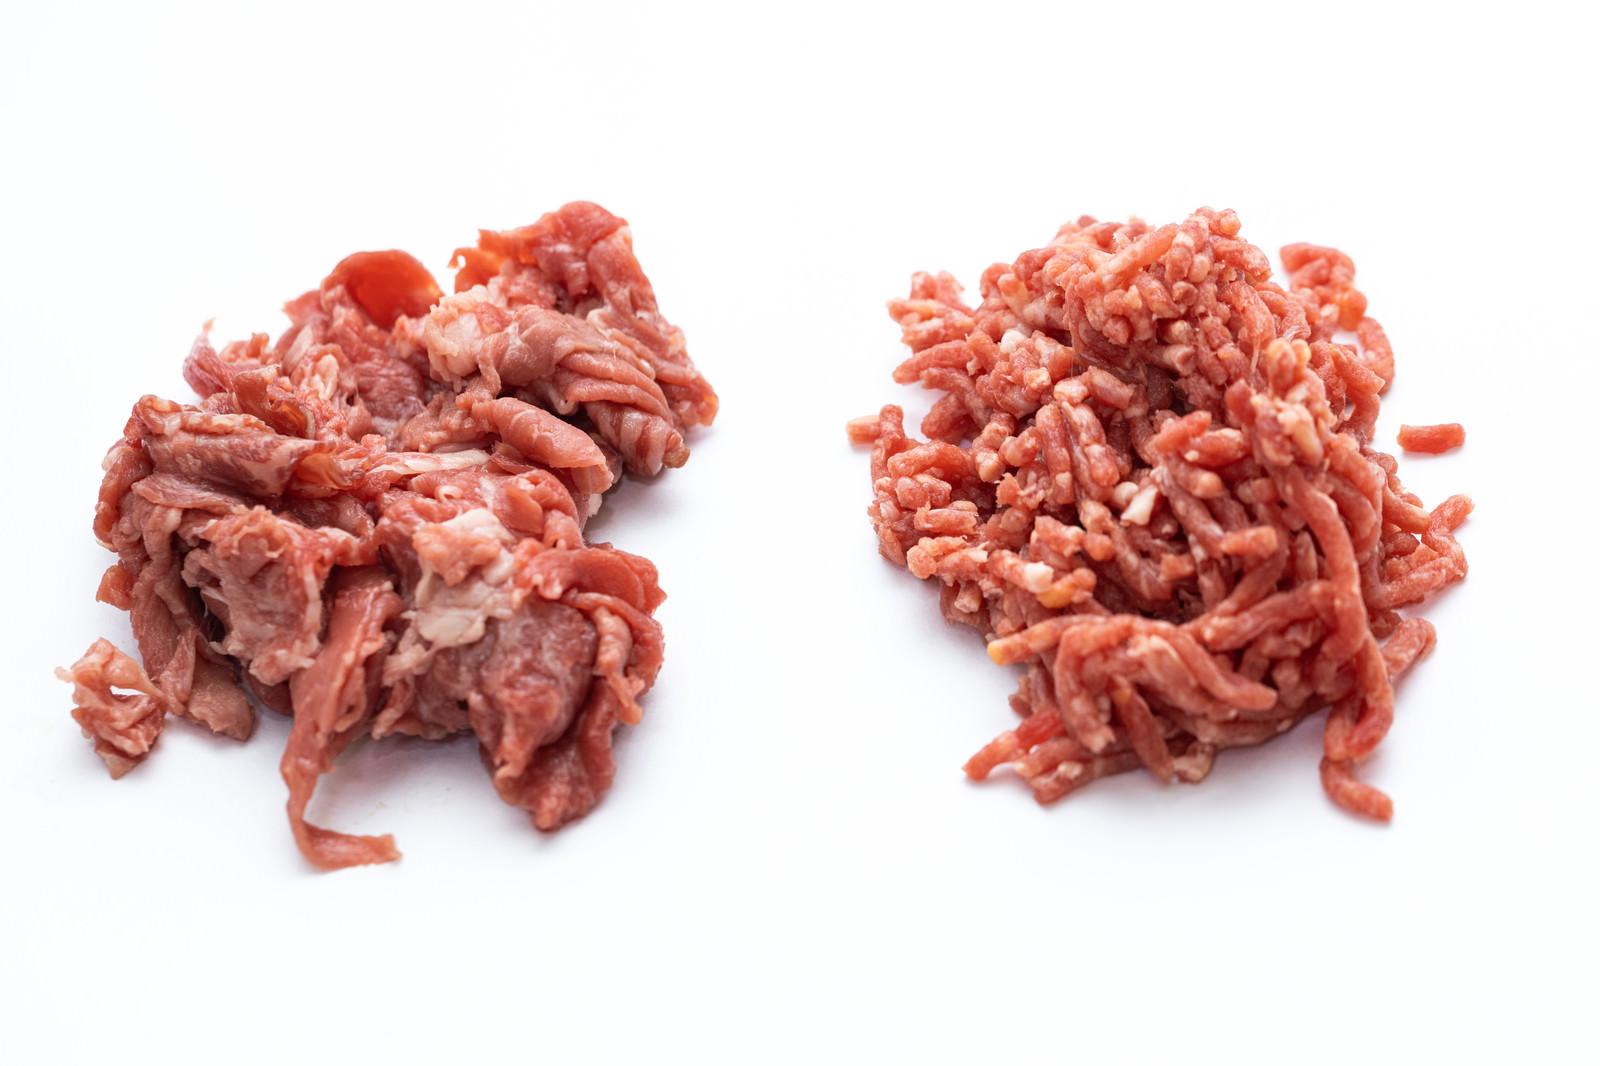 「細切れの肉とミンチの肉」の写真